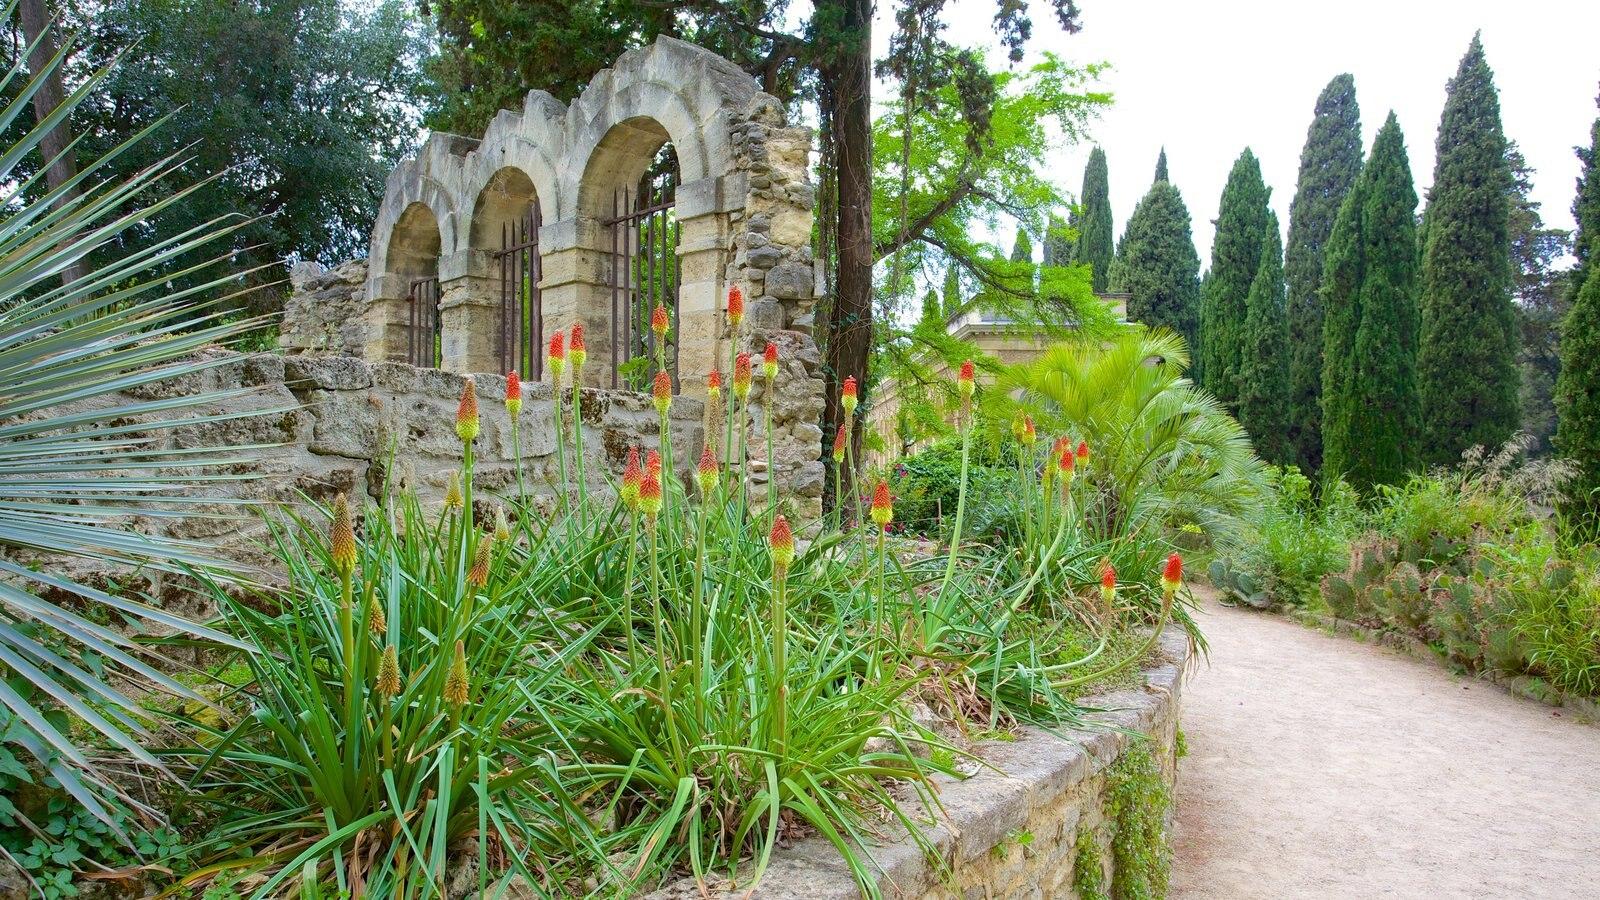 Gardens parks pictures view images of jardin des - Jardin des plantes de montpellier ...